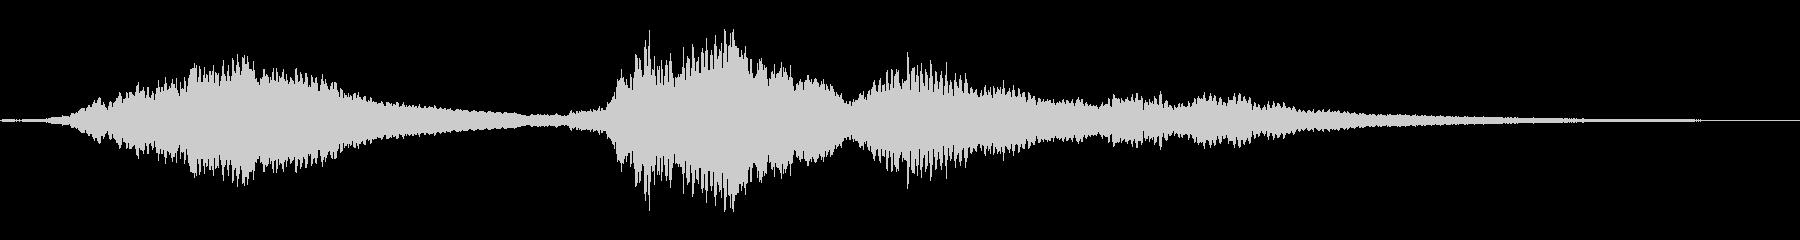 『ドロドロドロ・・』和製ドラの抑揚連打音の未再生の波形